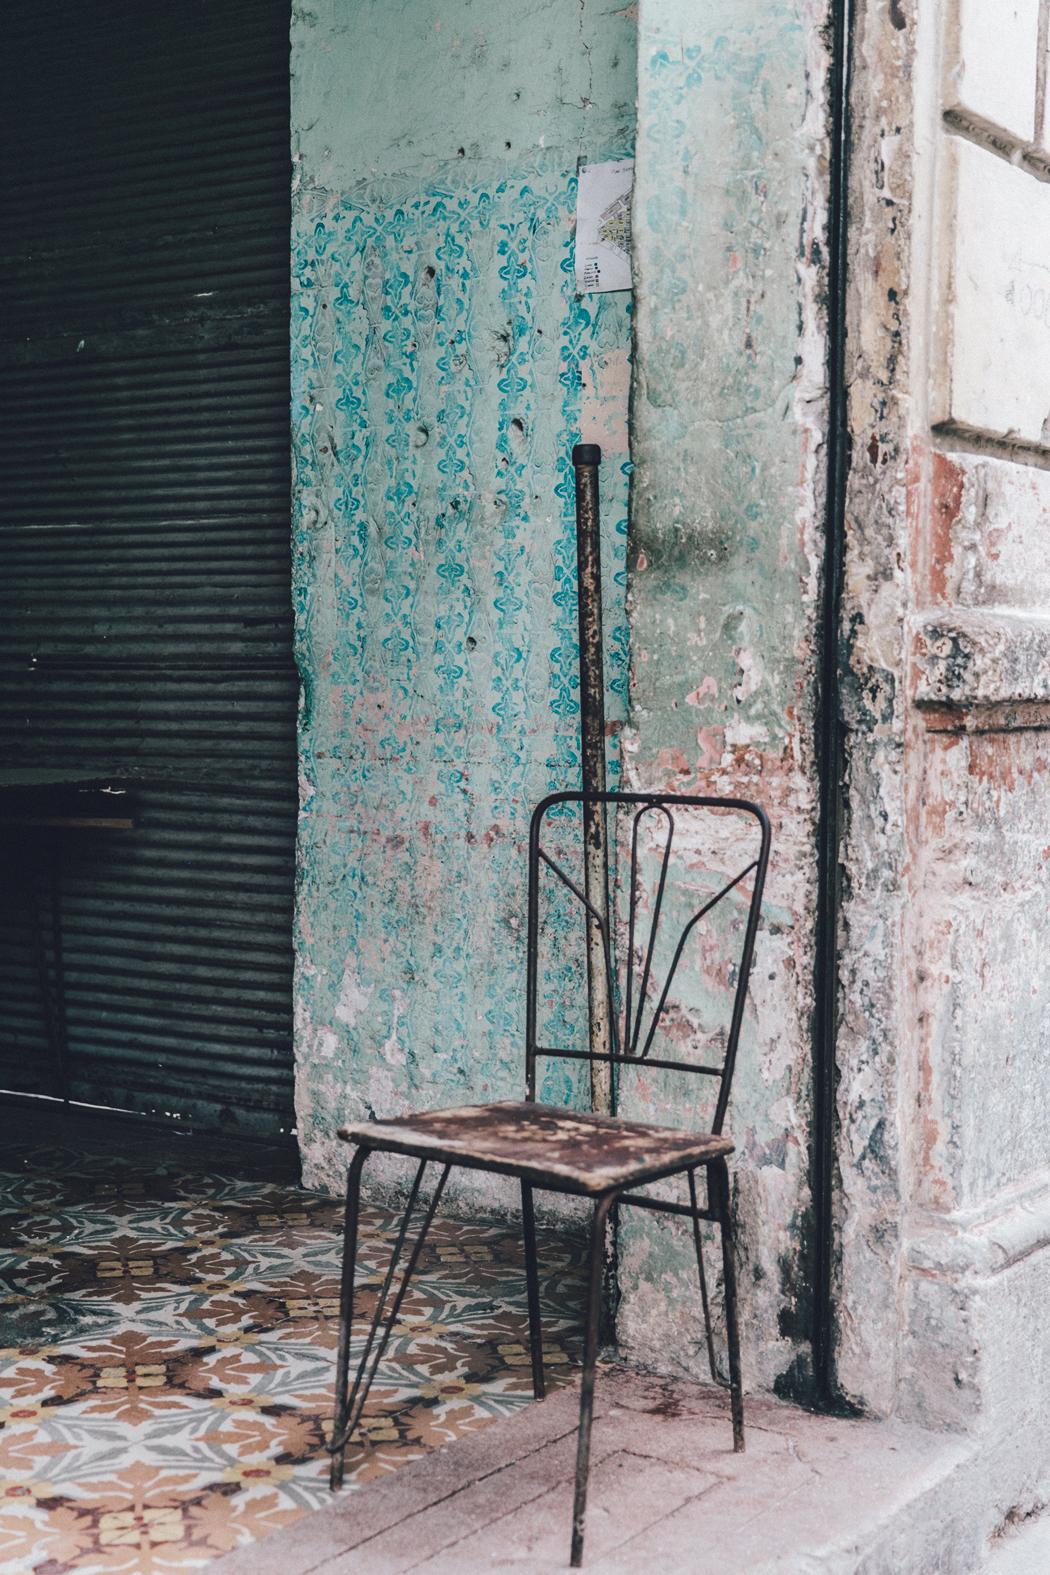 Cuba-La_Habana_Vieja-Hearts_Dress-Styled_By_Me-Aloha_Espadrilles-Outfit-Street_Style-Dress-Backpack-60